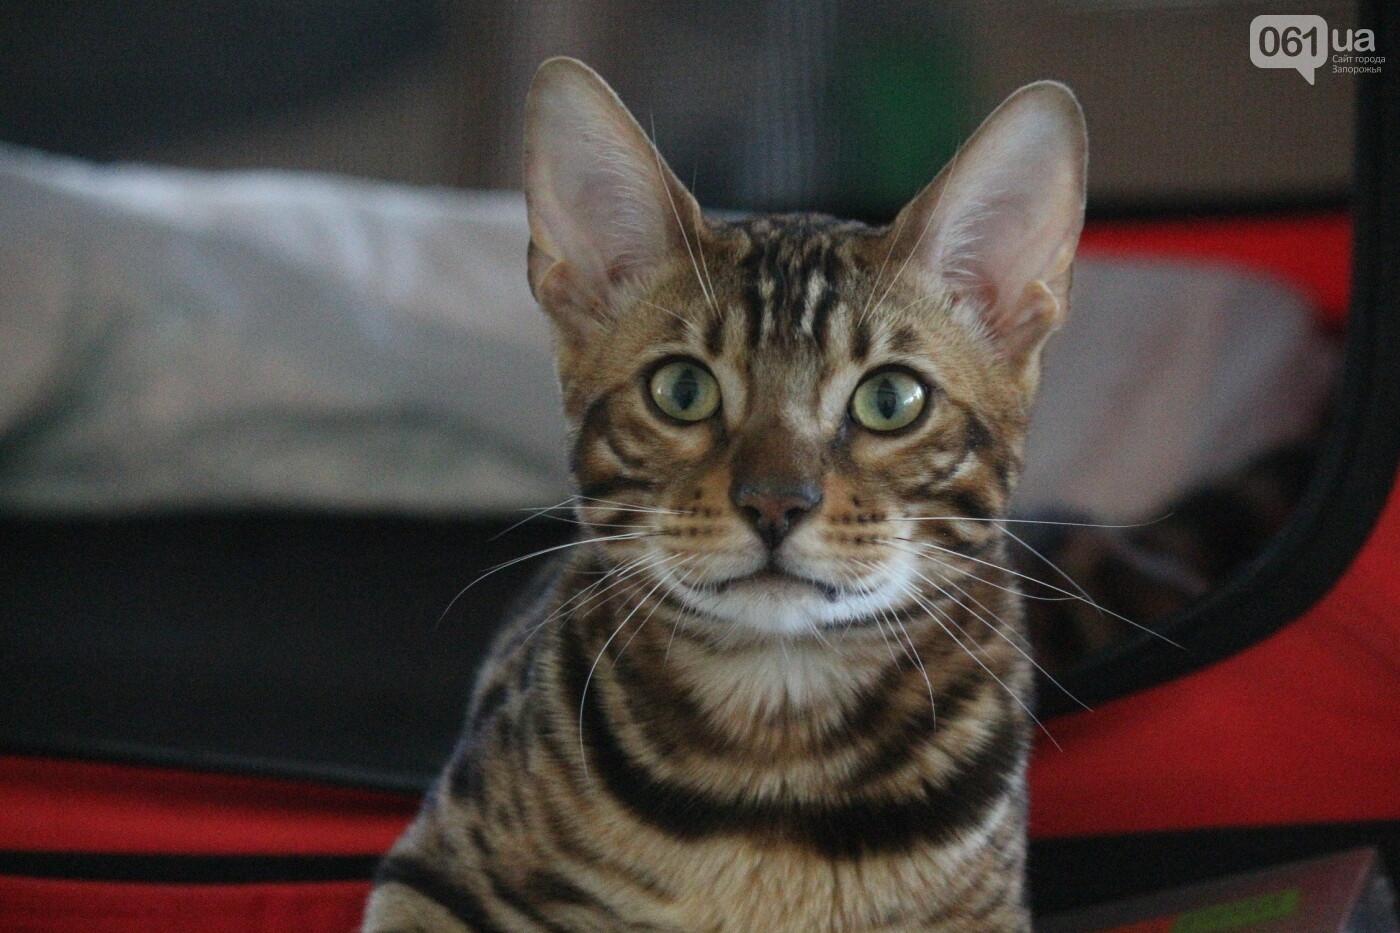 В Запорожье на выставке кошек показали 130 питомцев со всей Украины, – ФОТОРЕПОРТАЖ, фото-42